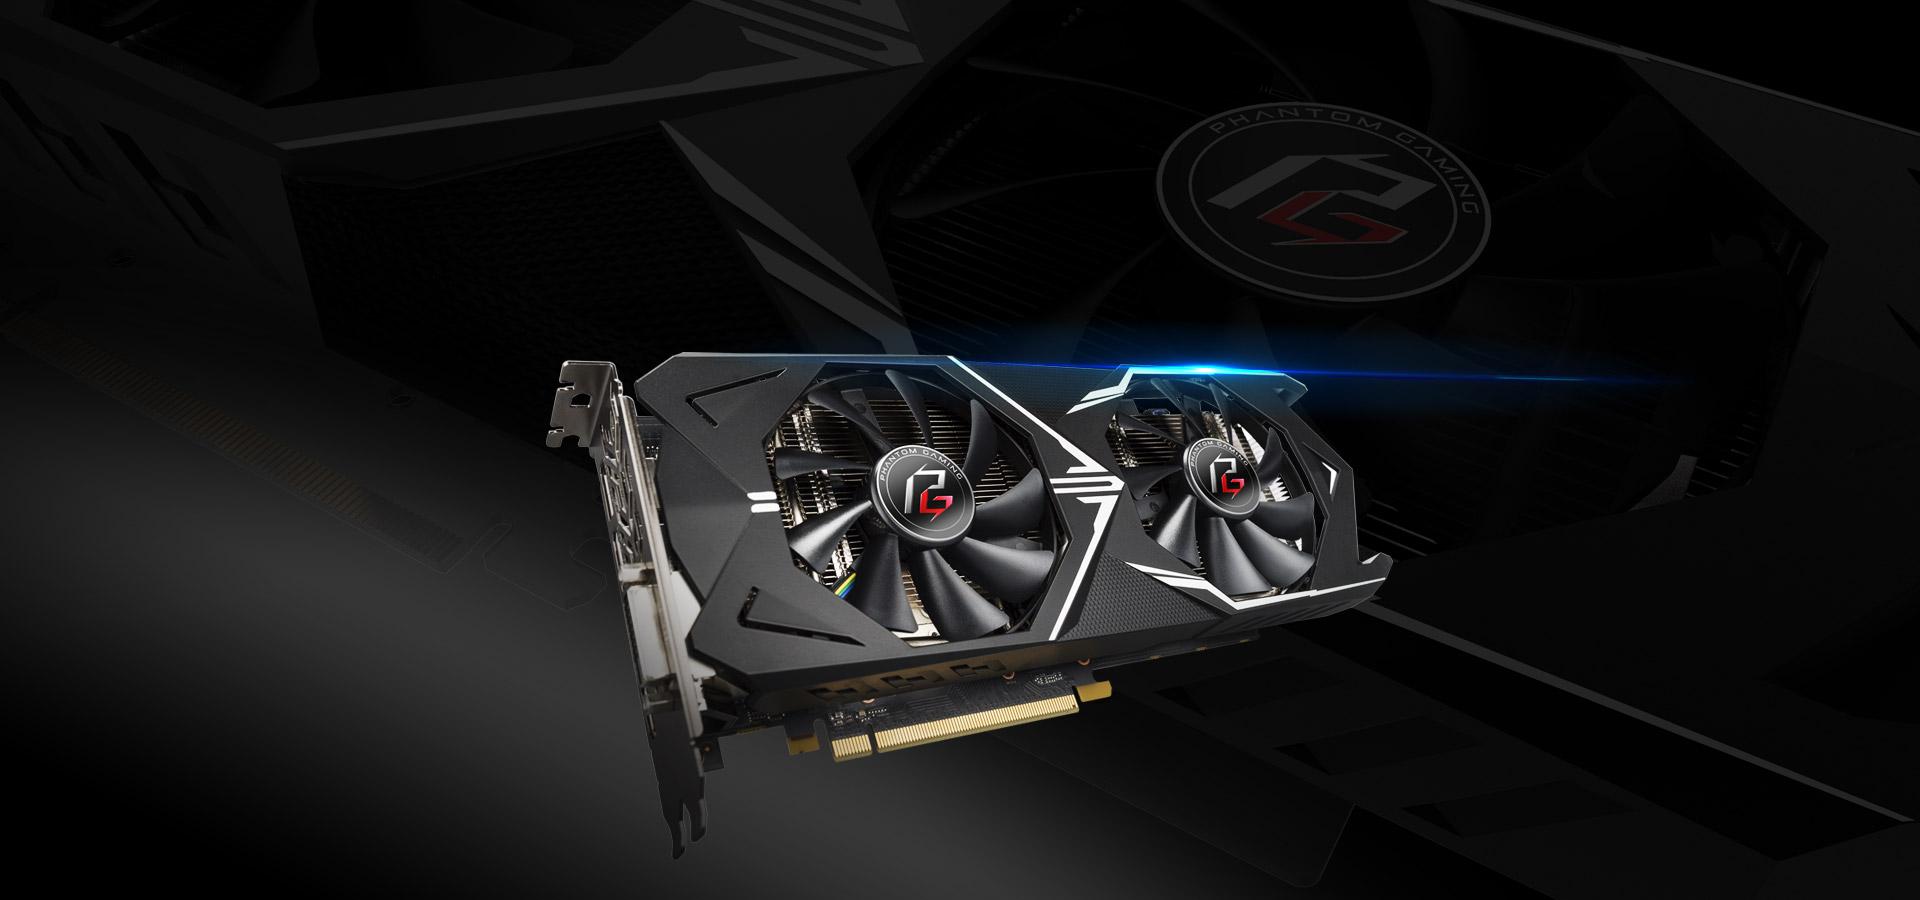 ASRock > Phantom Gaming X Radeon RX570 4G OC